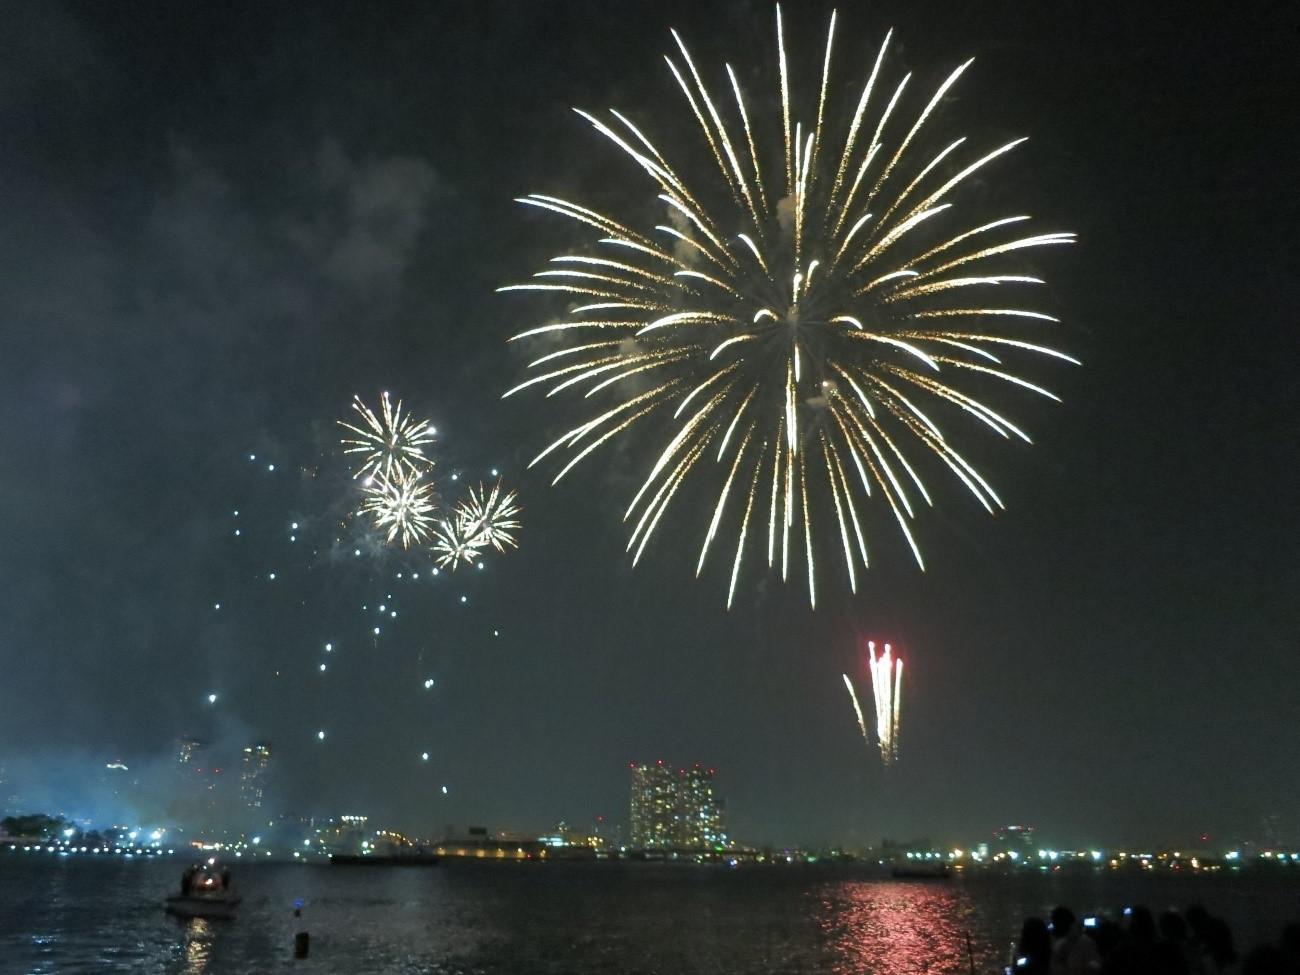 船上から眺める夜景と花火大会の風景